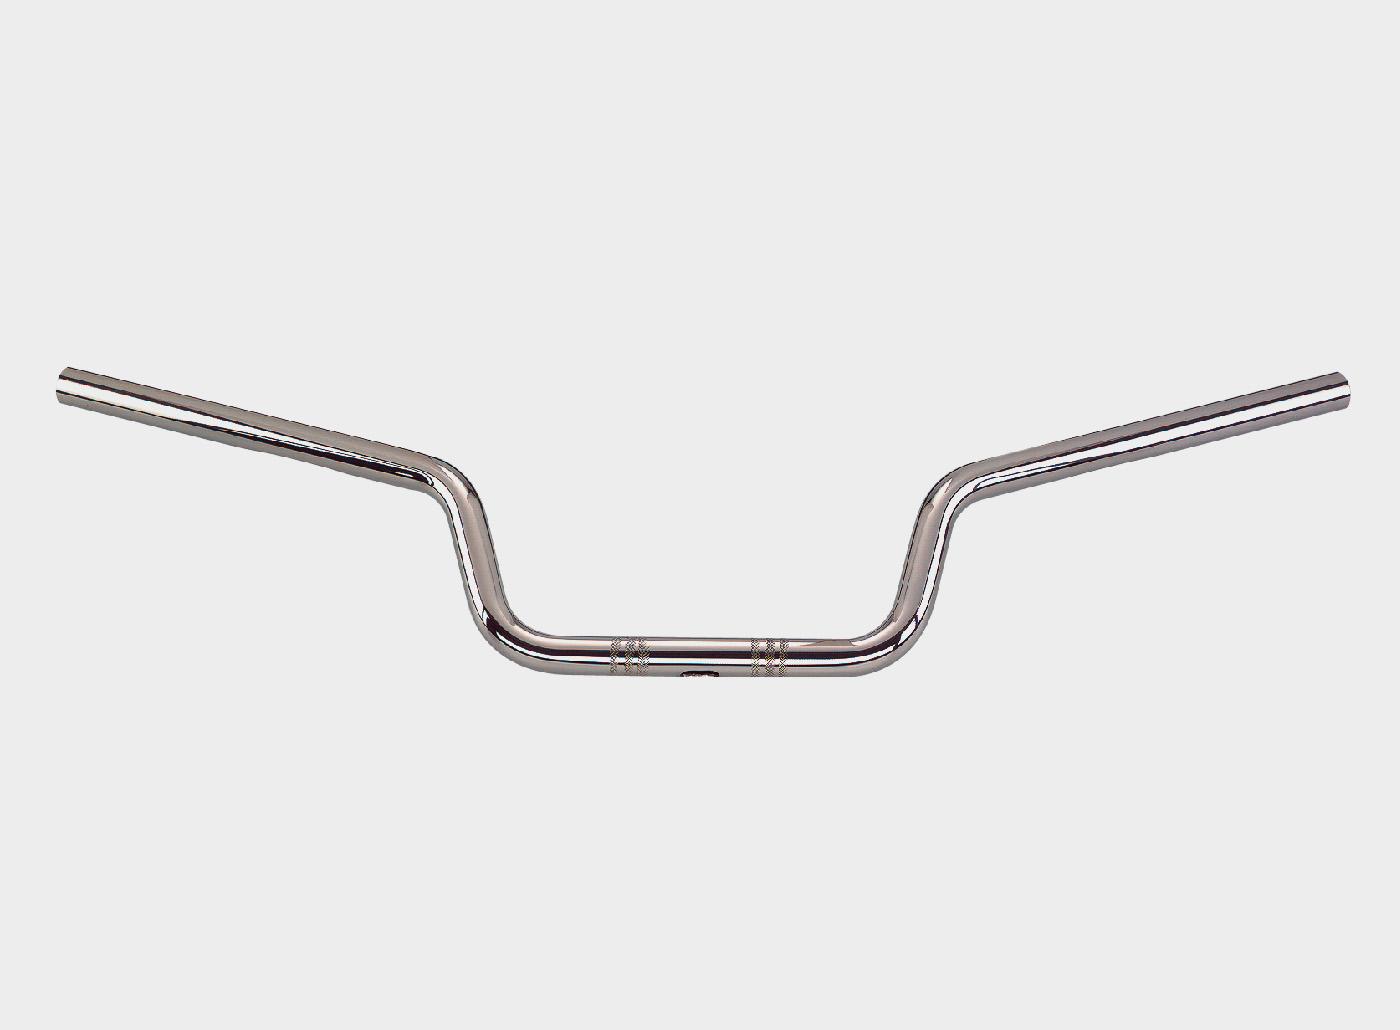 Lenker-Hot Rod Spezial 870mm